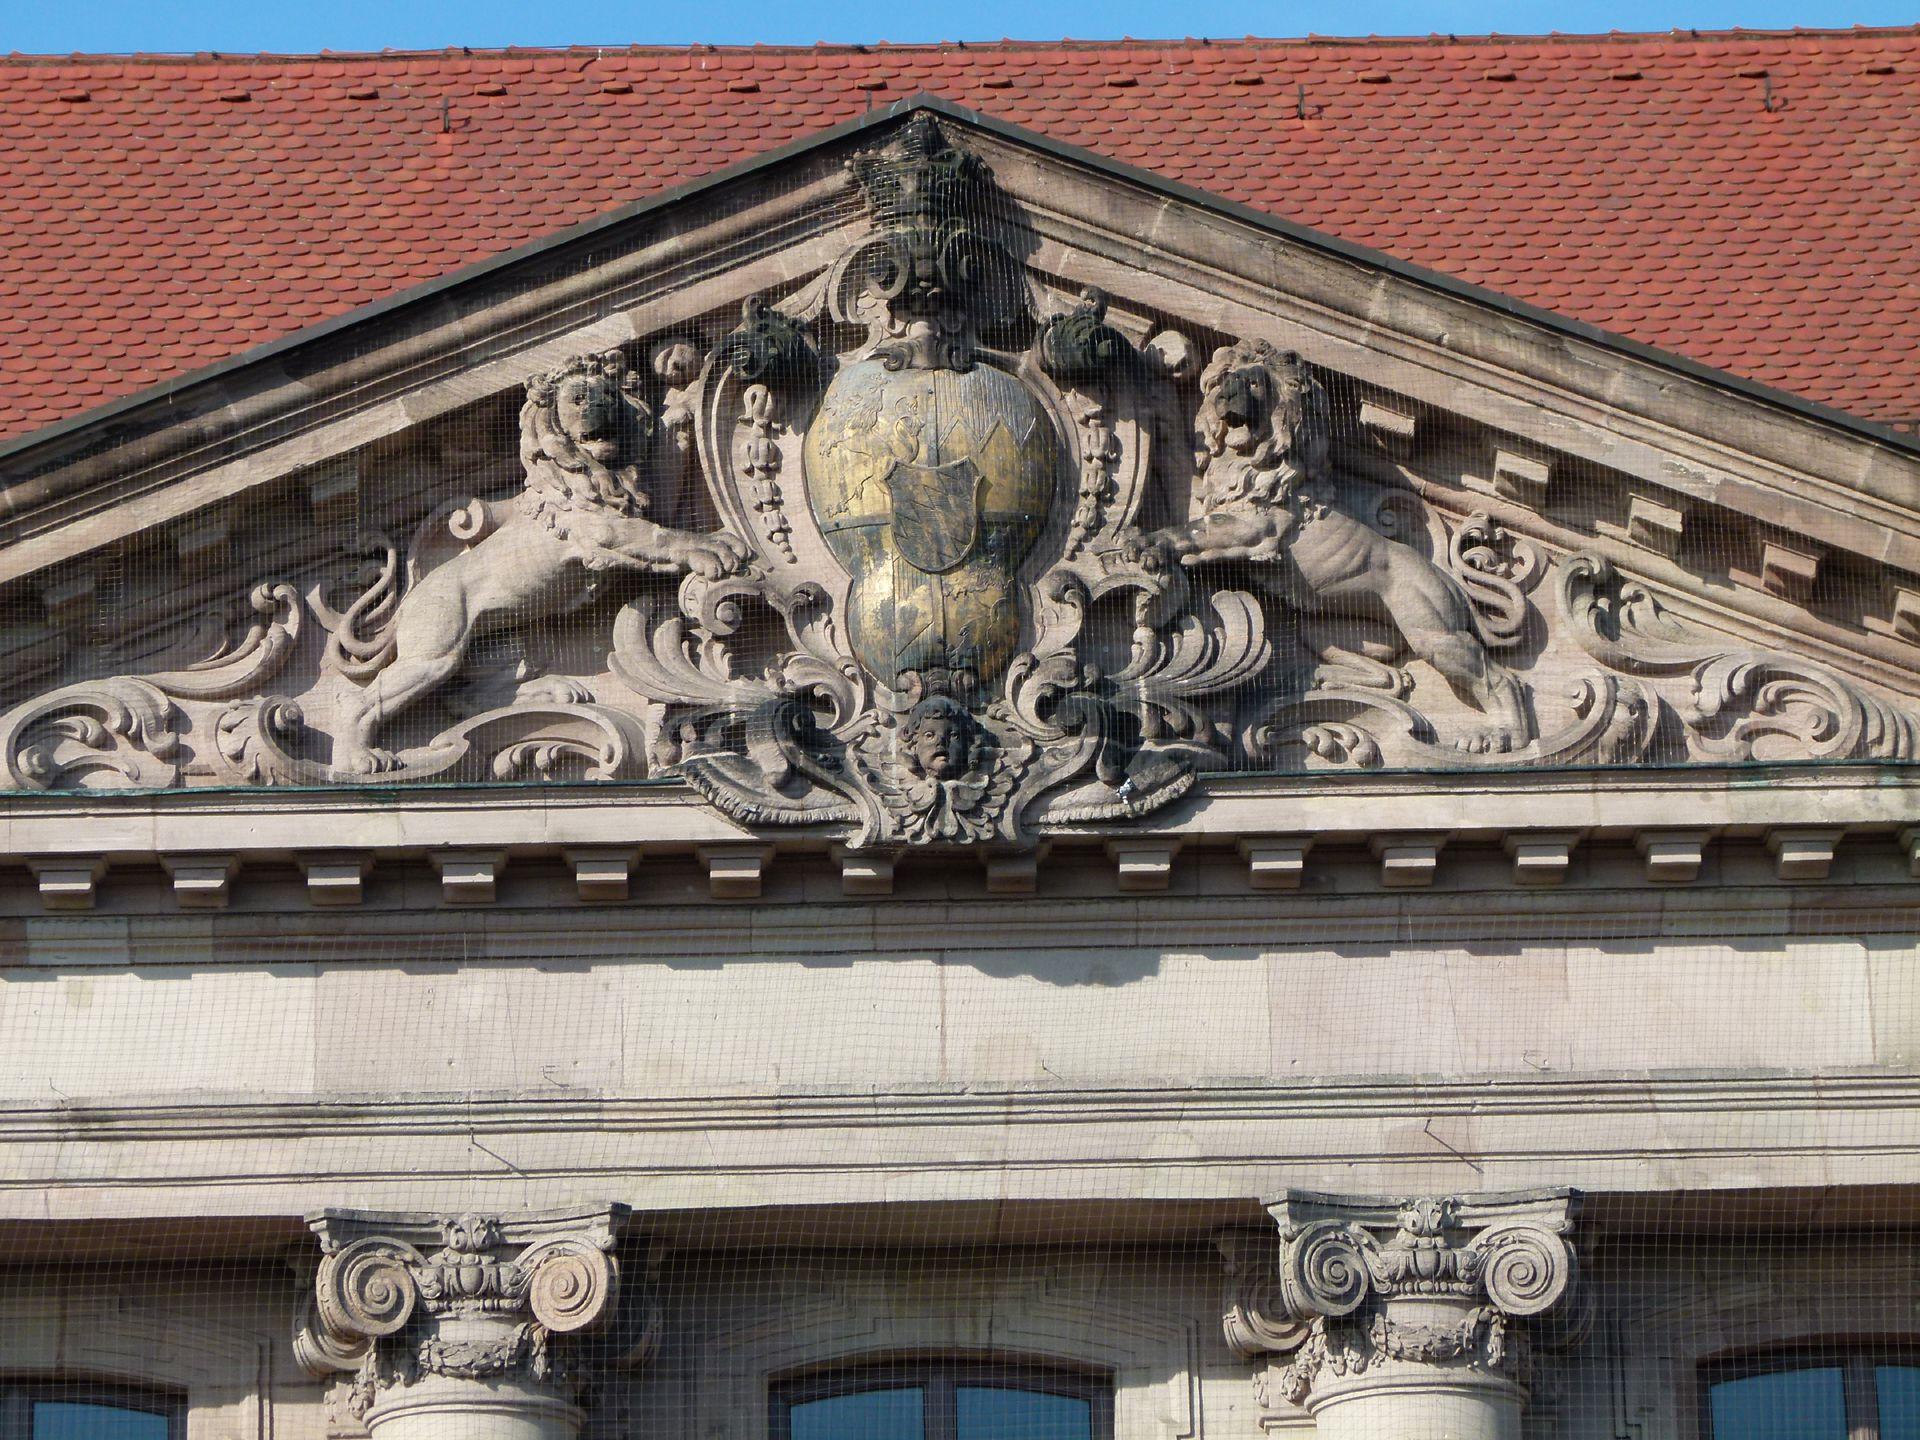 ehem. Bayerische Landesgewerbeanstalt Haupteingangsfassade, NO, Giebel mit von Löwen getragenen Wappen